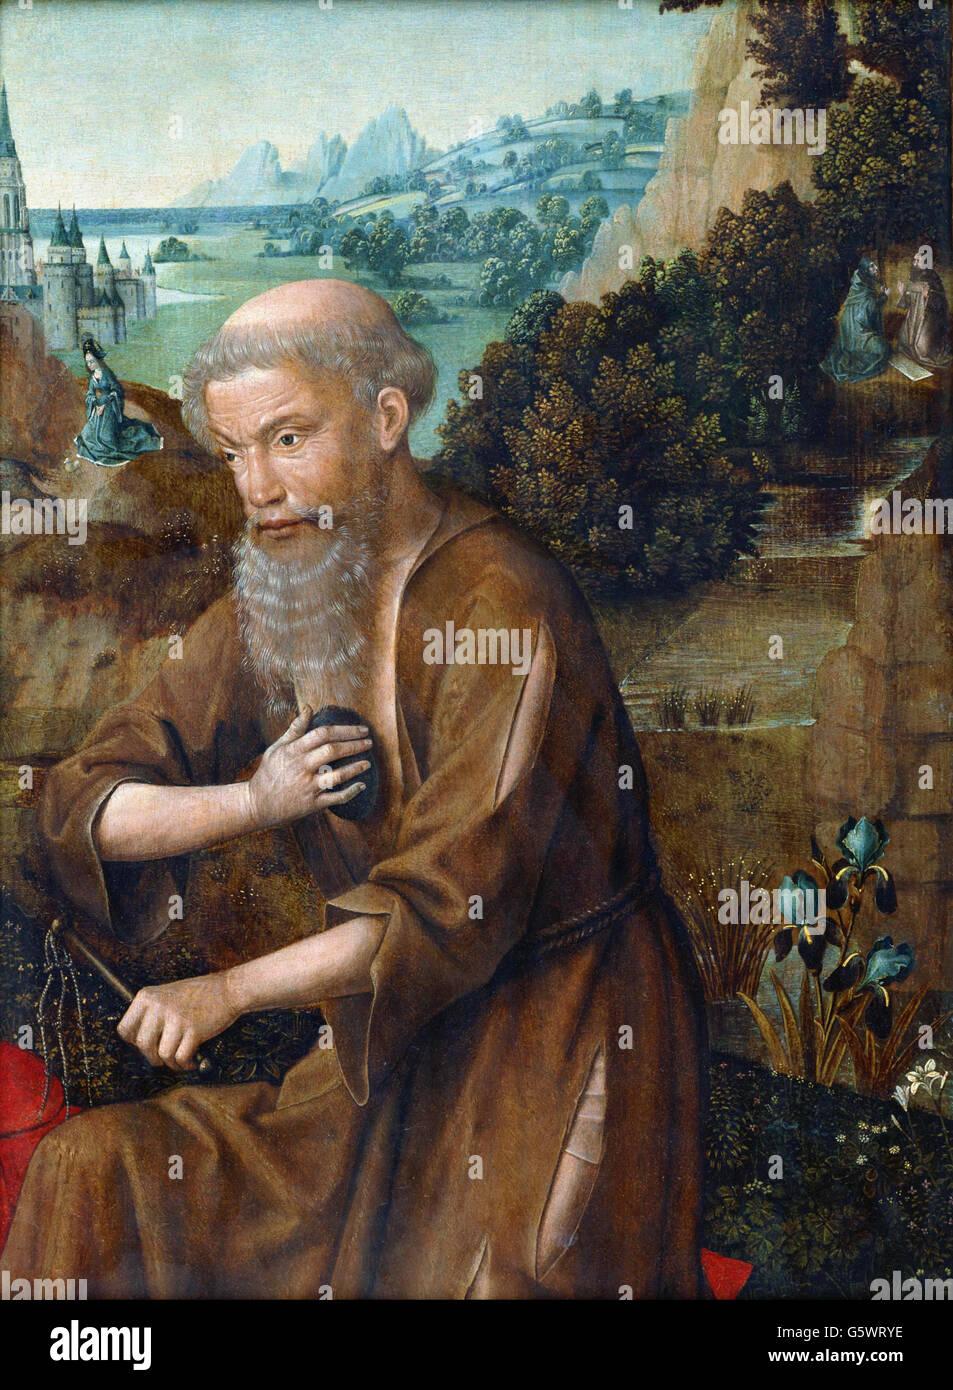 Meister der Legende von St. Lucia - St. Jerome- Stockbild